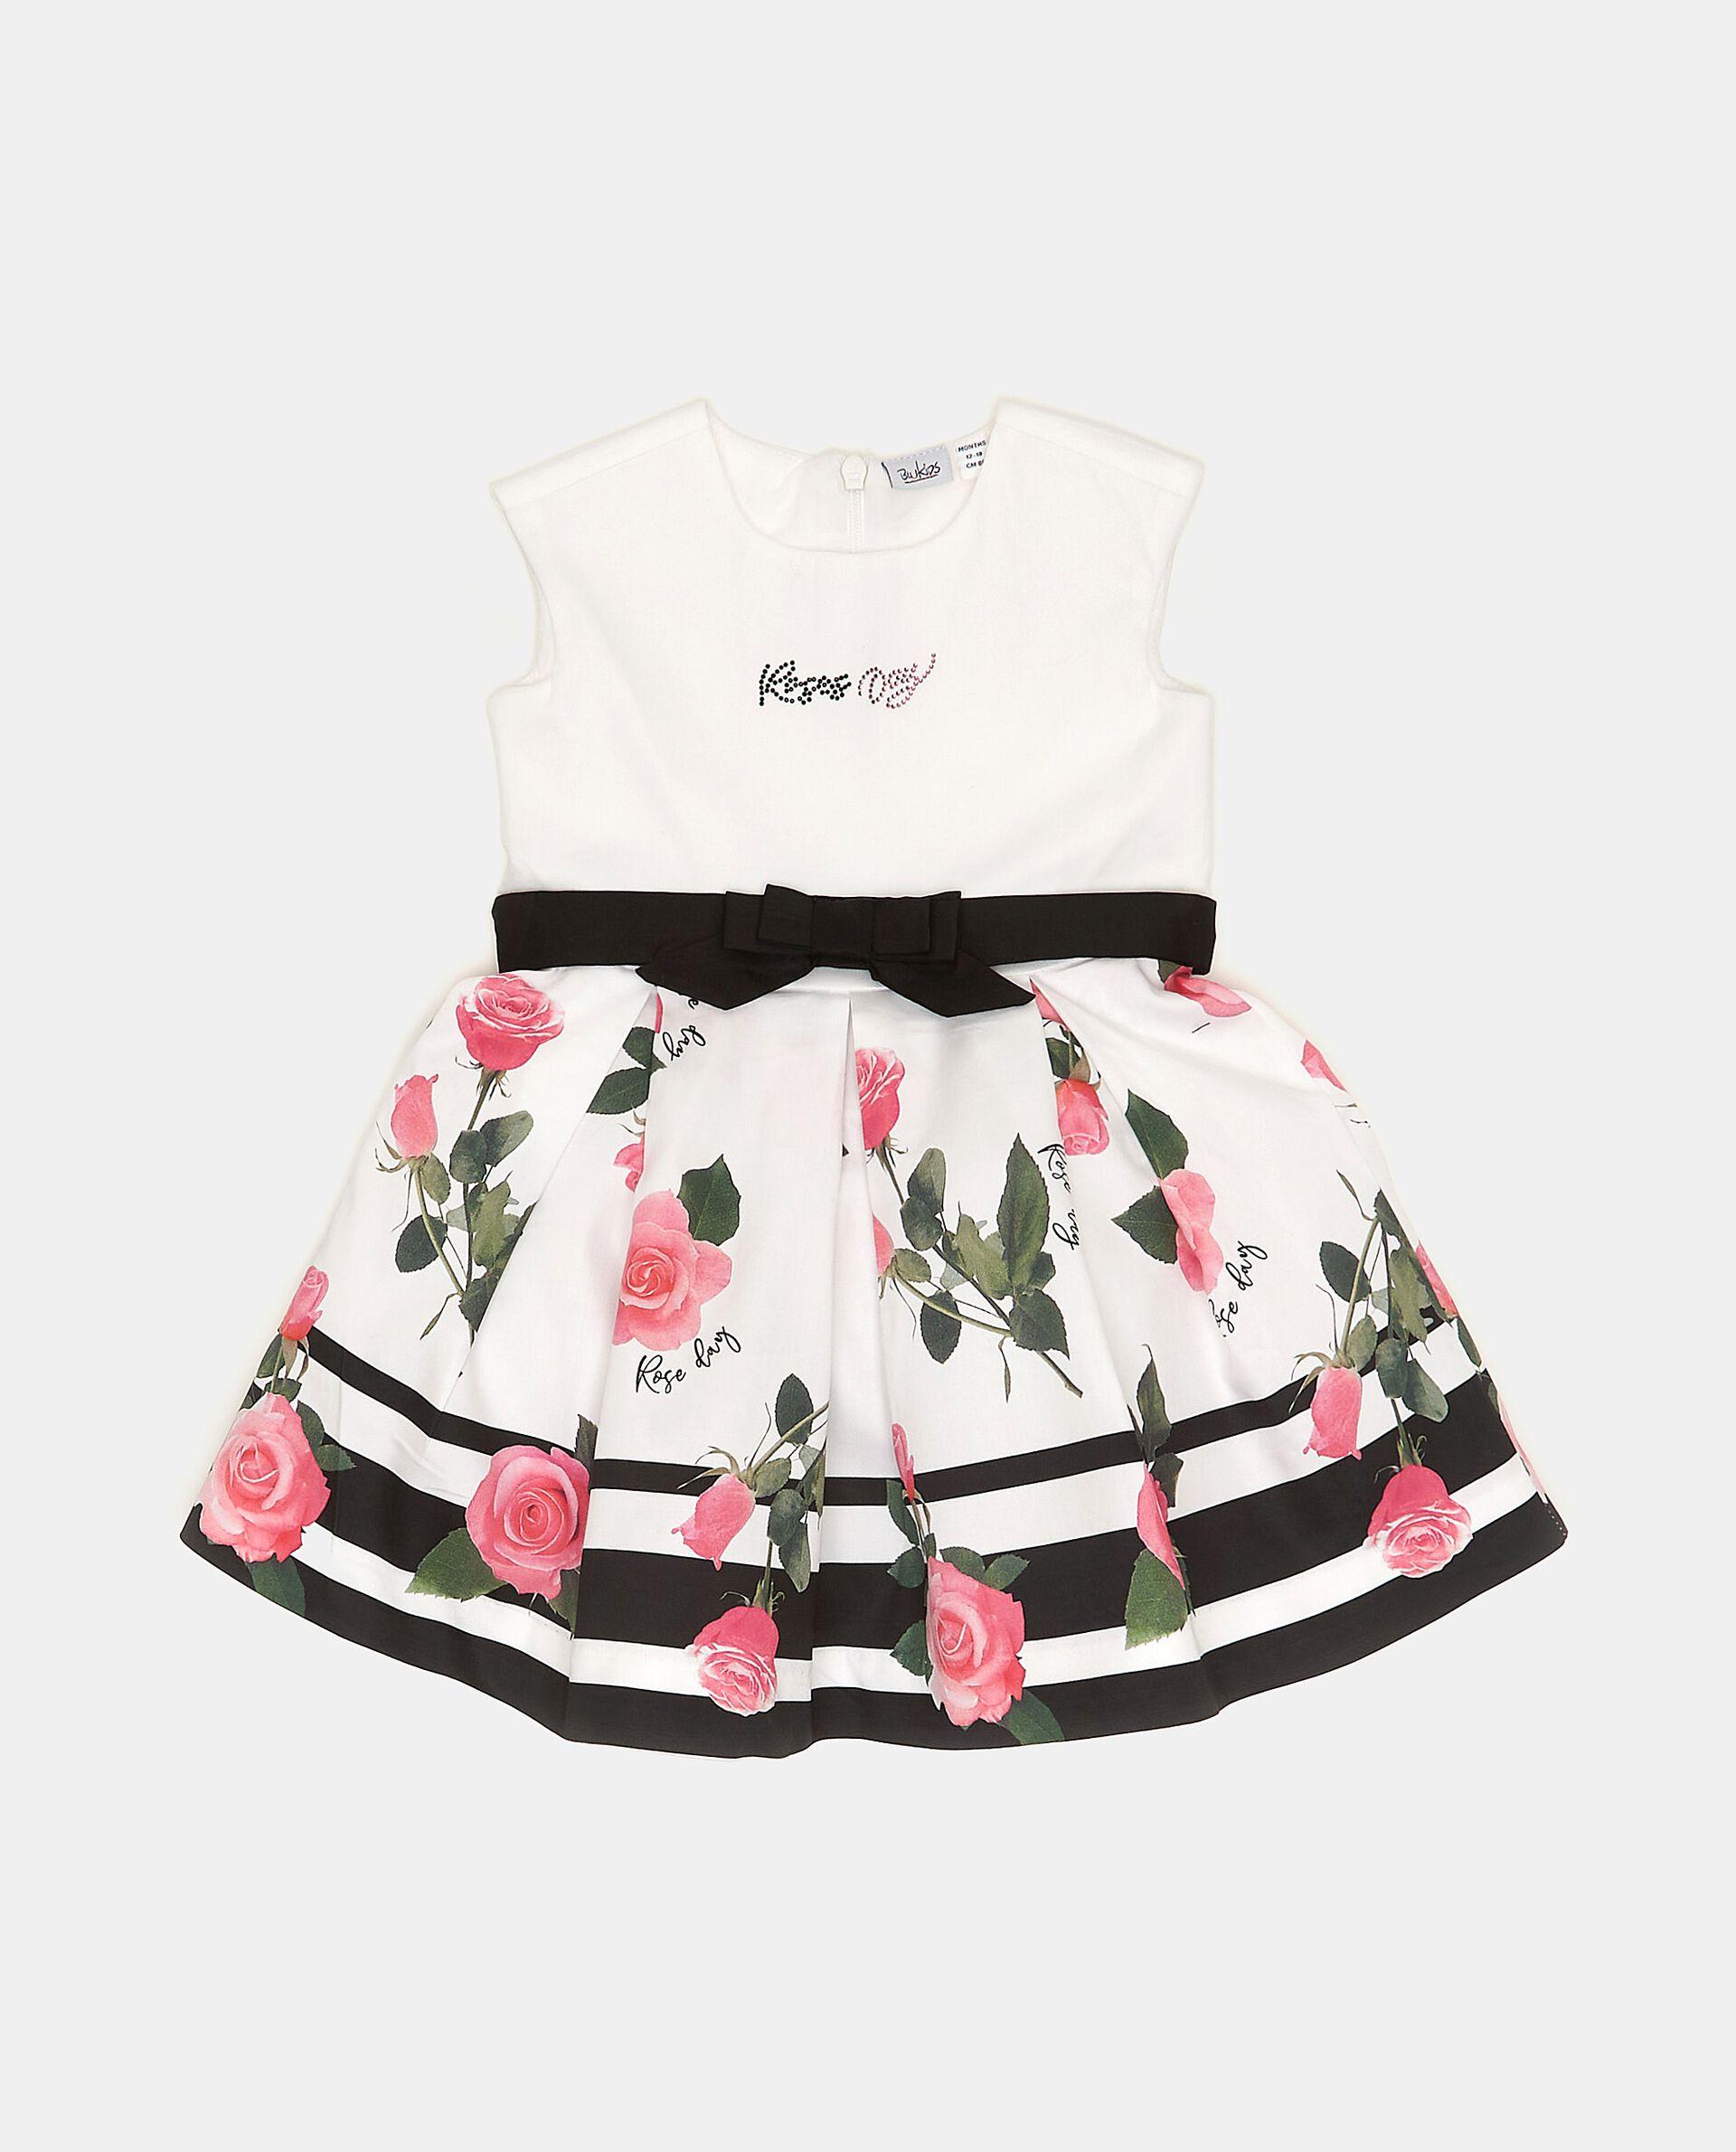 Vestitino in cotone con fantasia floreale neonata